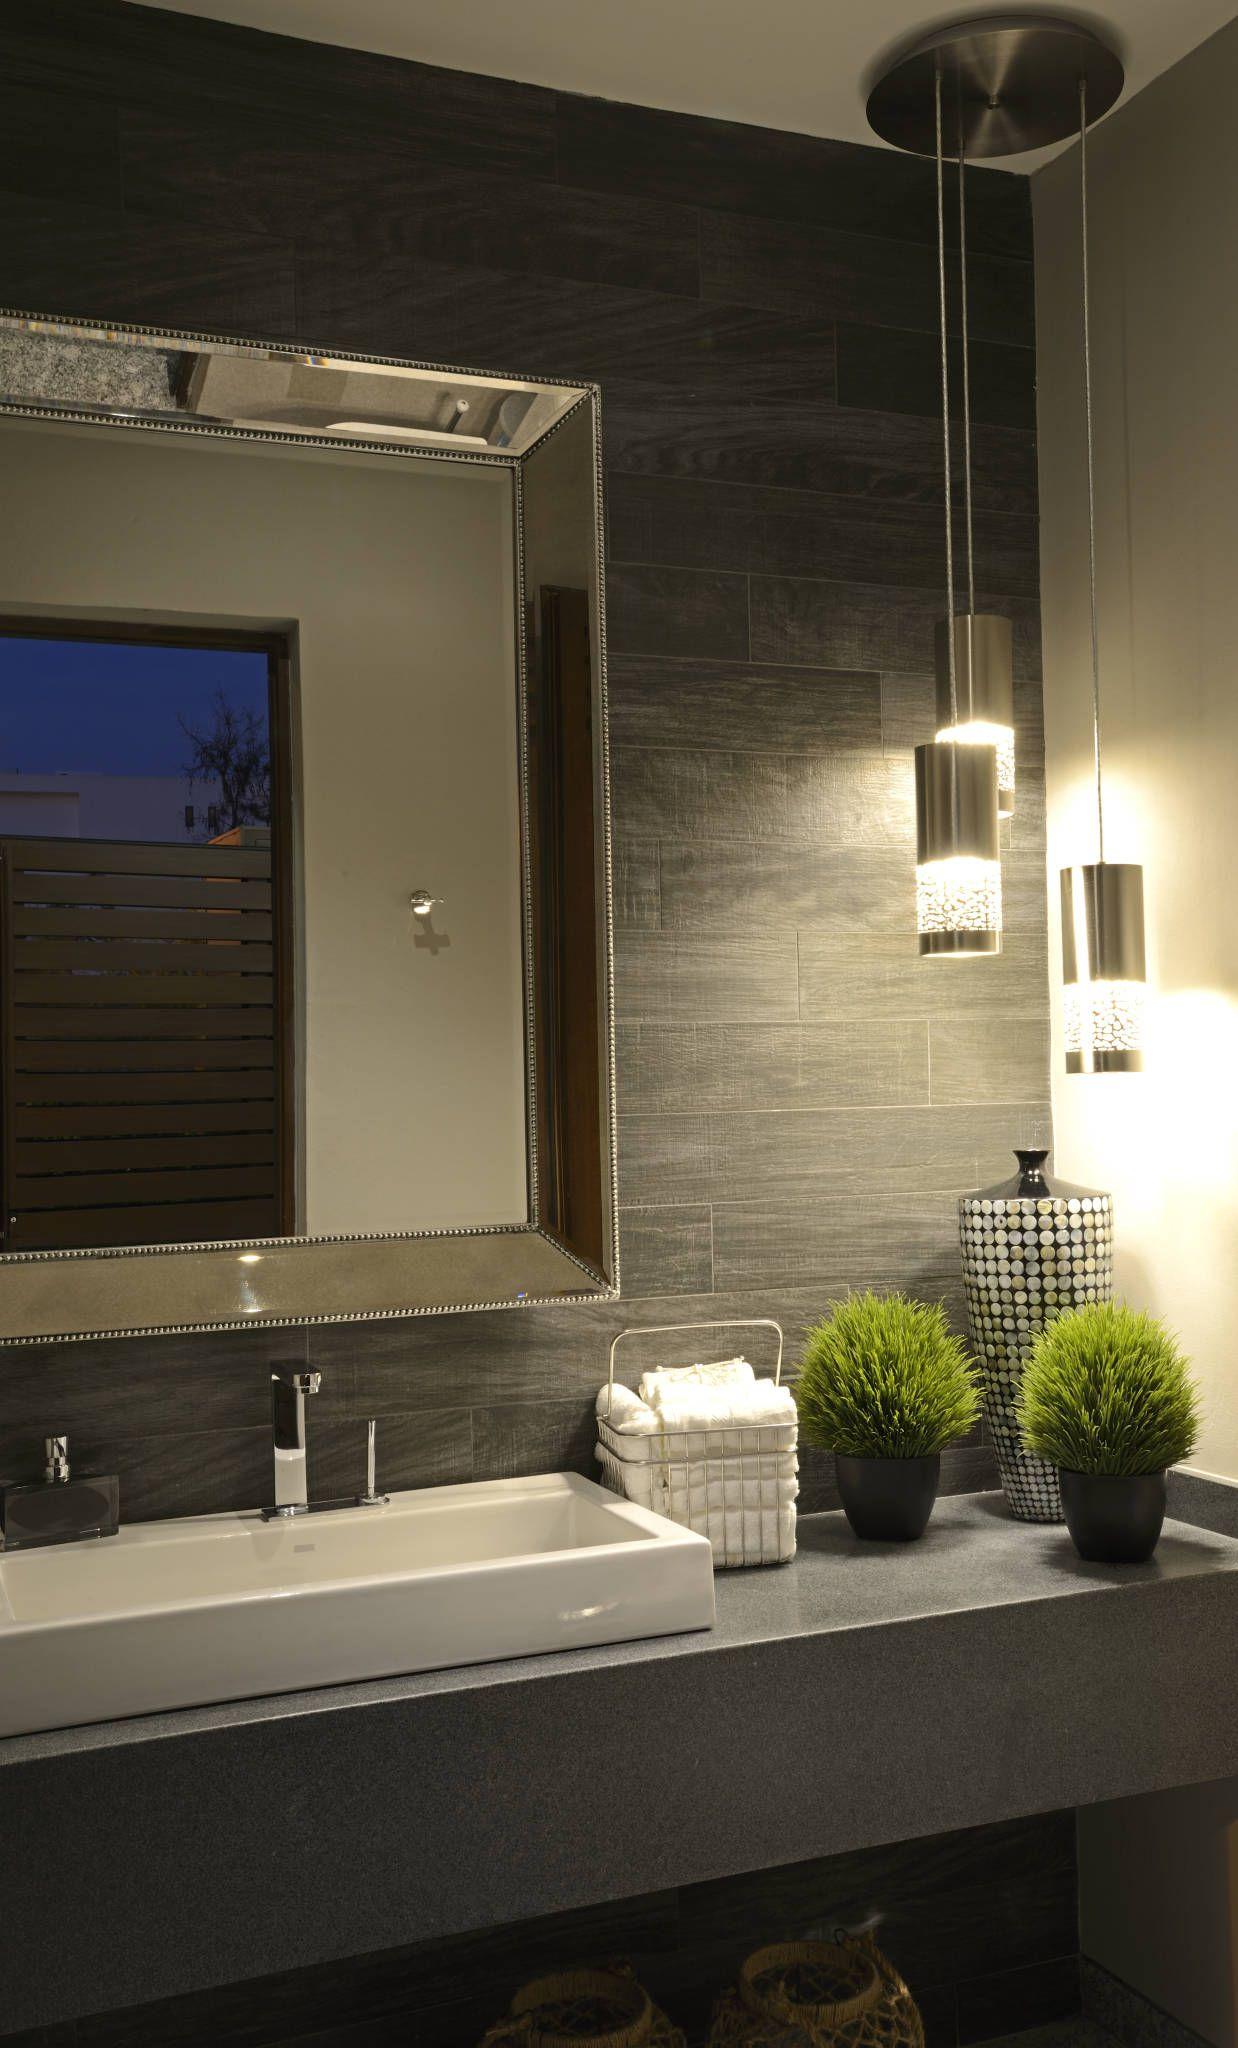 Ba o de terraza casa gl banheiros modernos por victoria plasencia interiorismo mi hause - Iluminacion de banos modernos ...